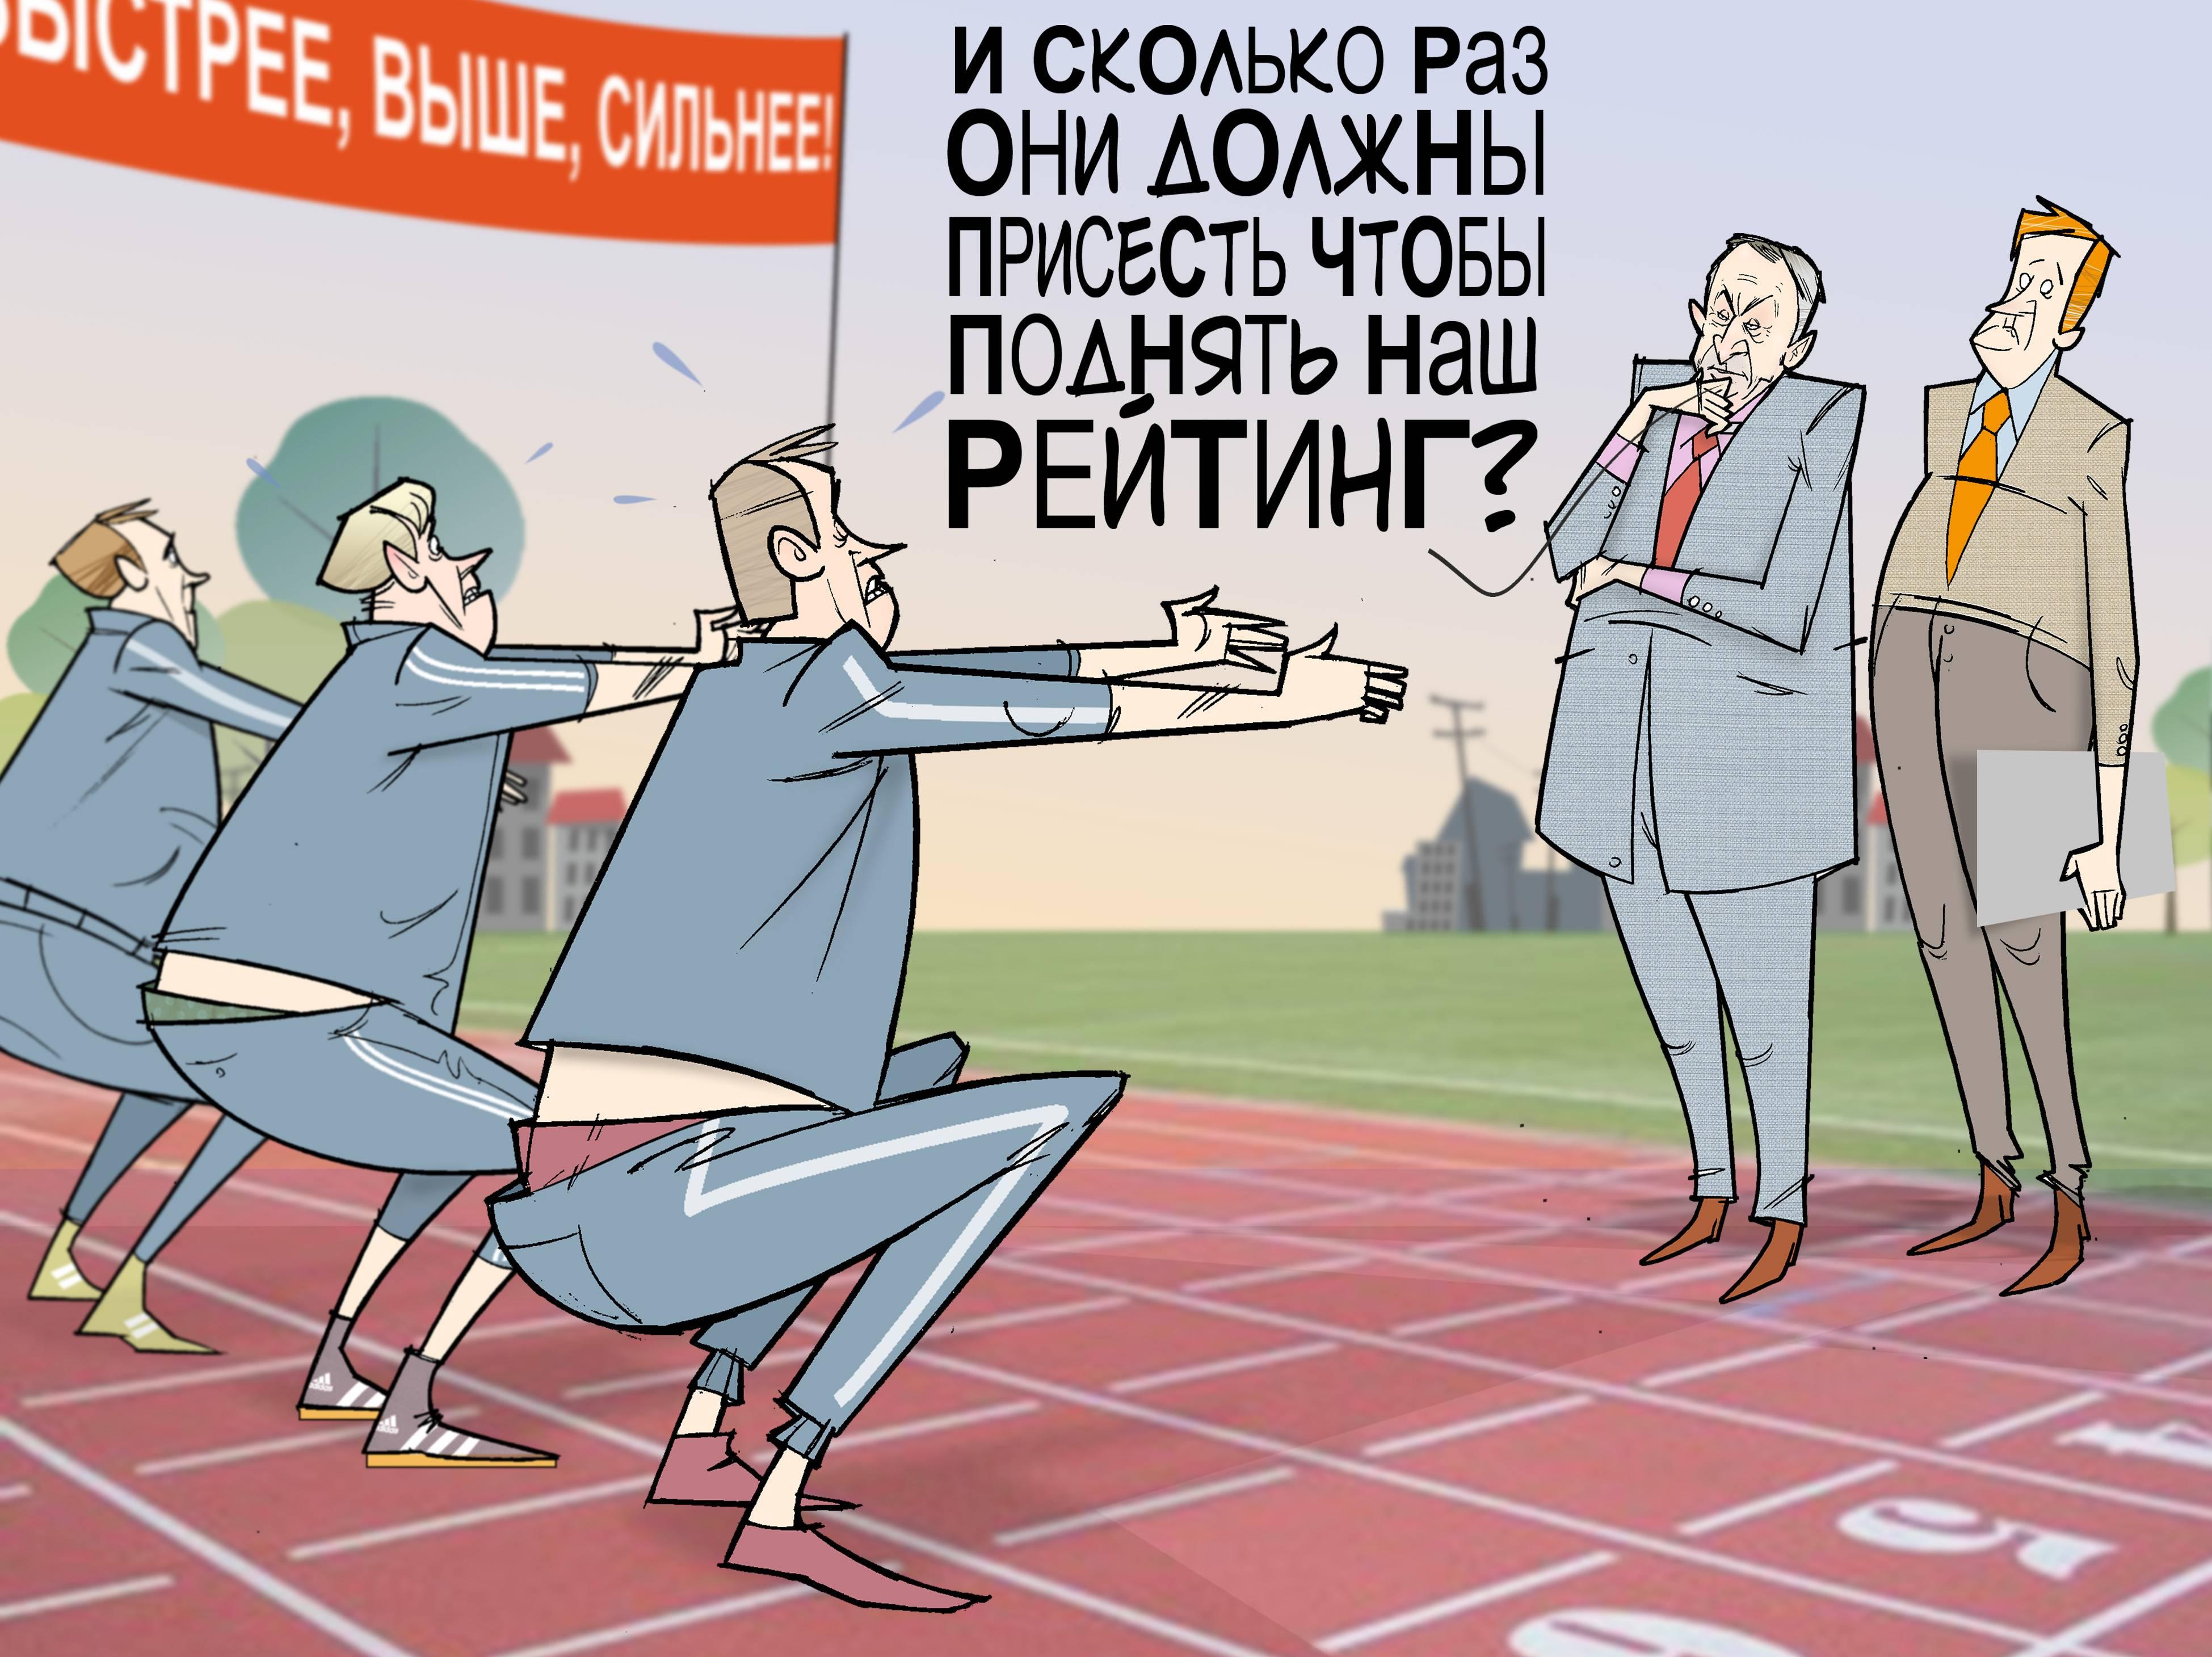 """Всегда готовы! #чиновники #ГТО #ГлаваУР #Соловьёв © Газета """"День"""" 2014"""